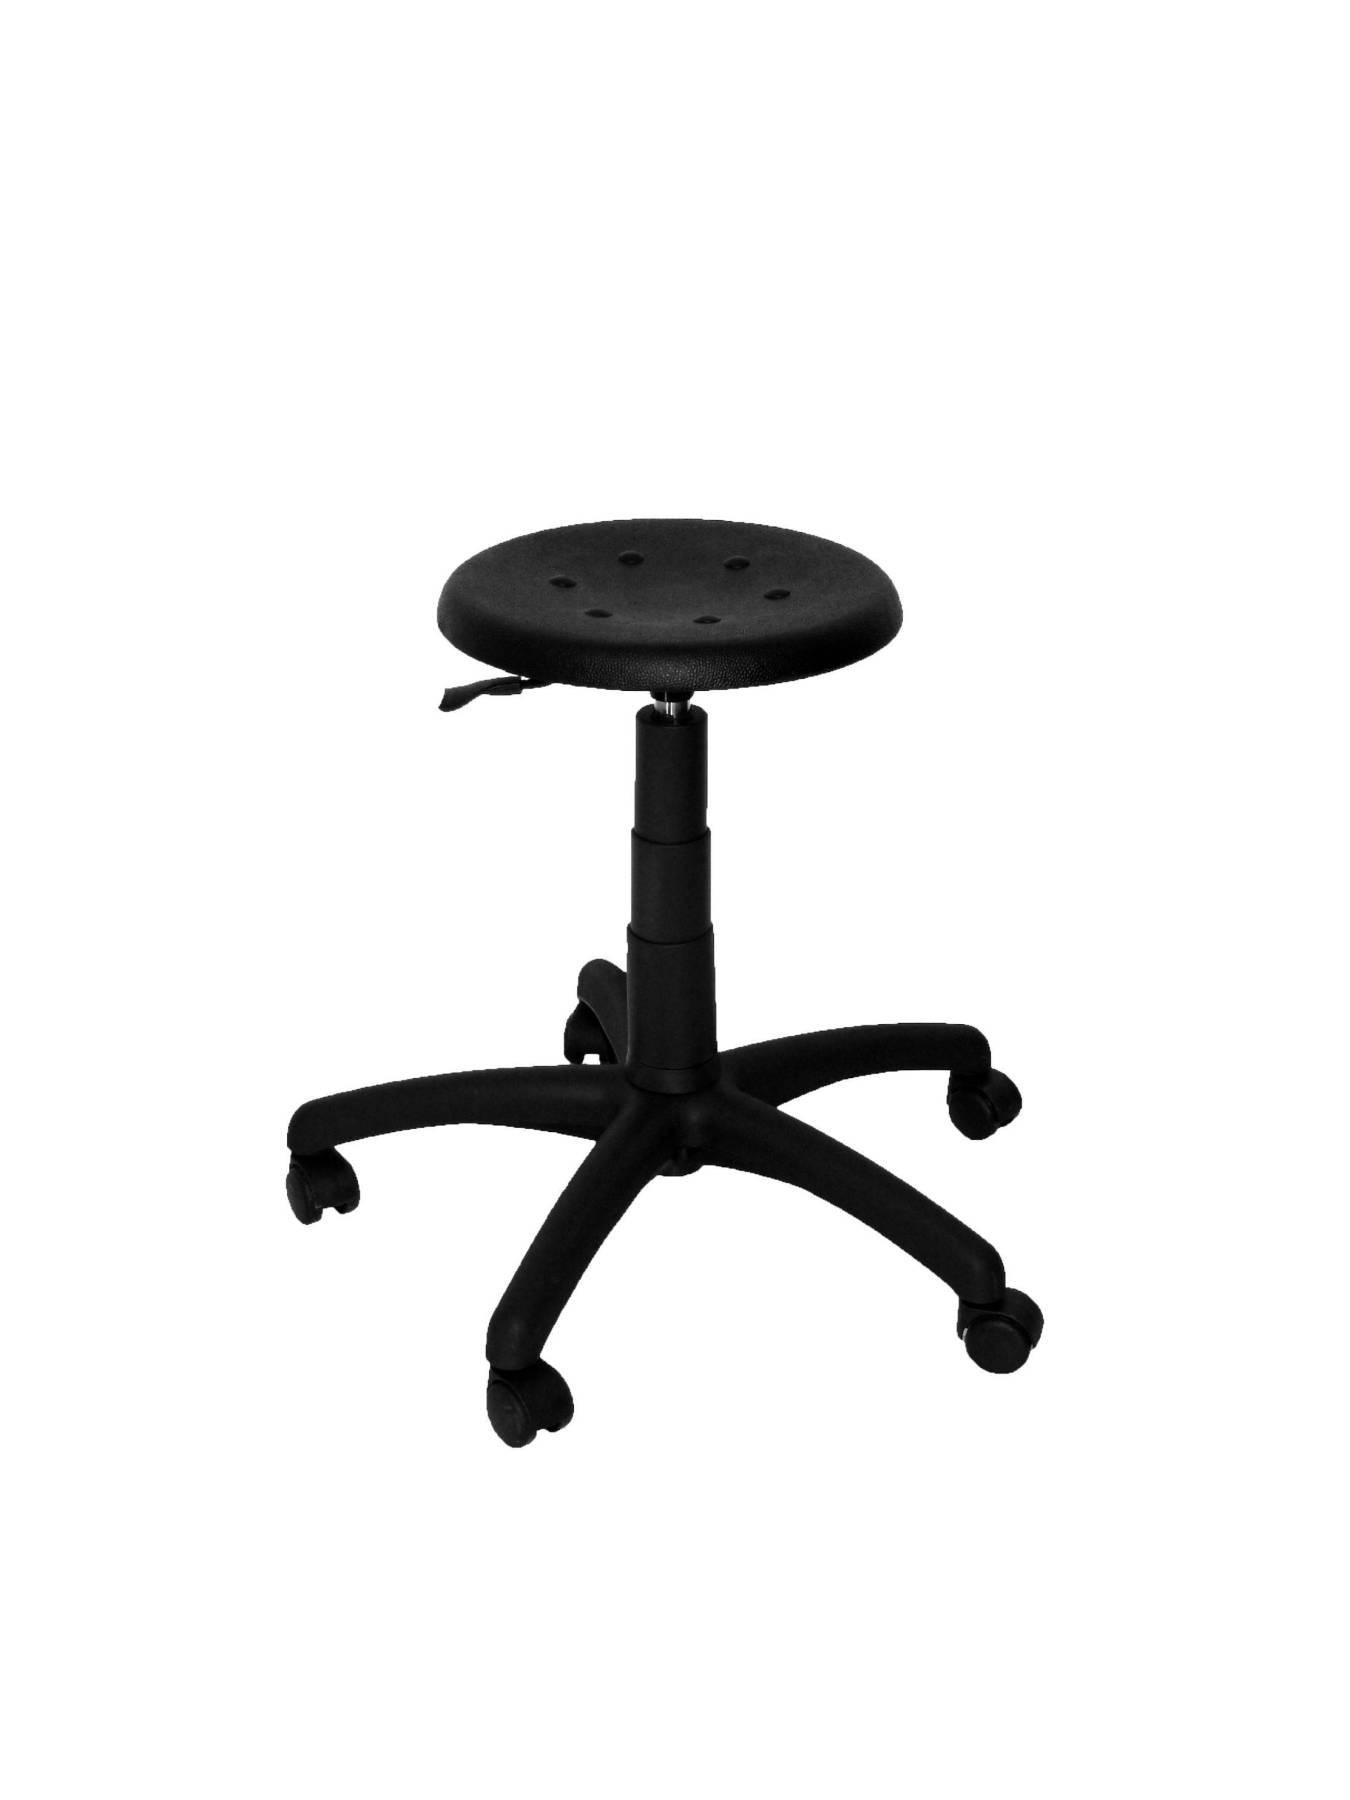 مقعد يعمل ، دوار وعكس الضوء على ارتفاع مرتفع باستخدام مقعد أسطوانة غاز من البولي يوريثين اللون الأسود بيكيه